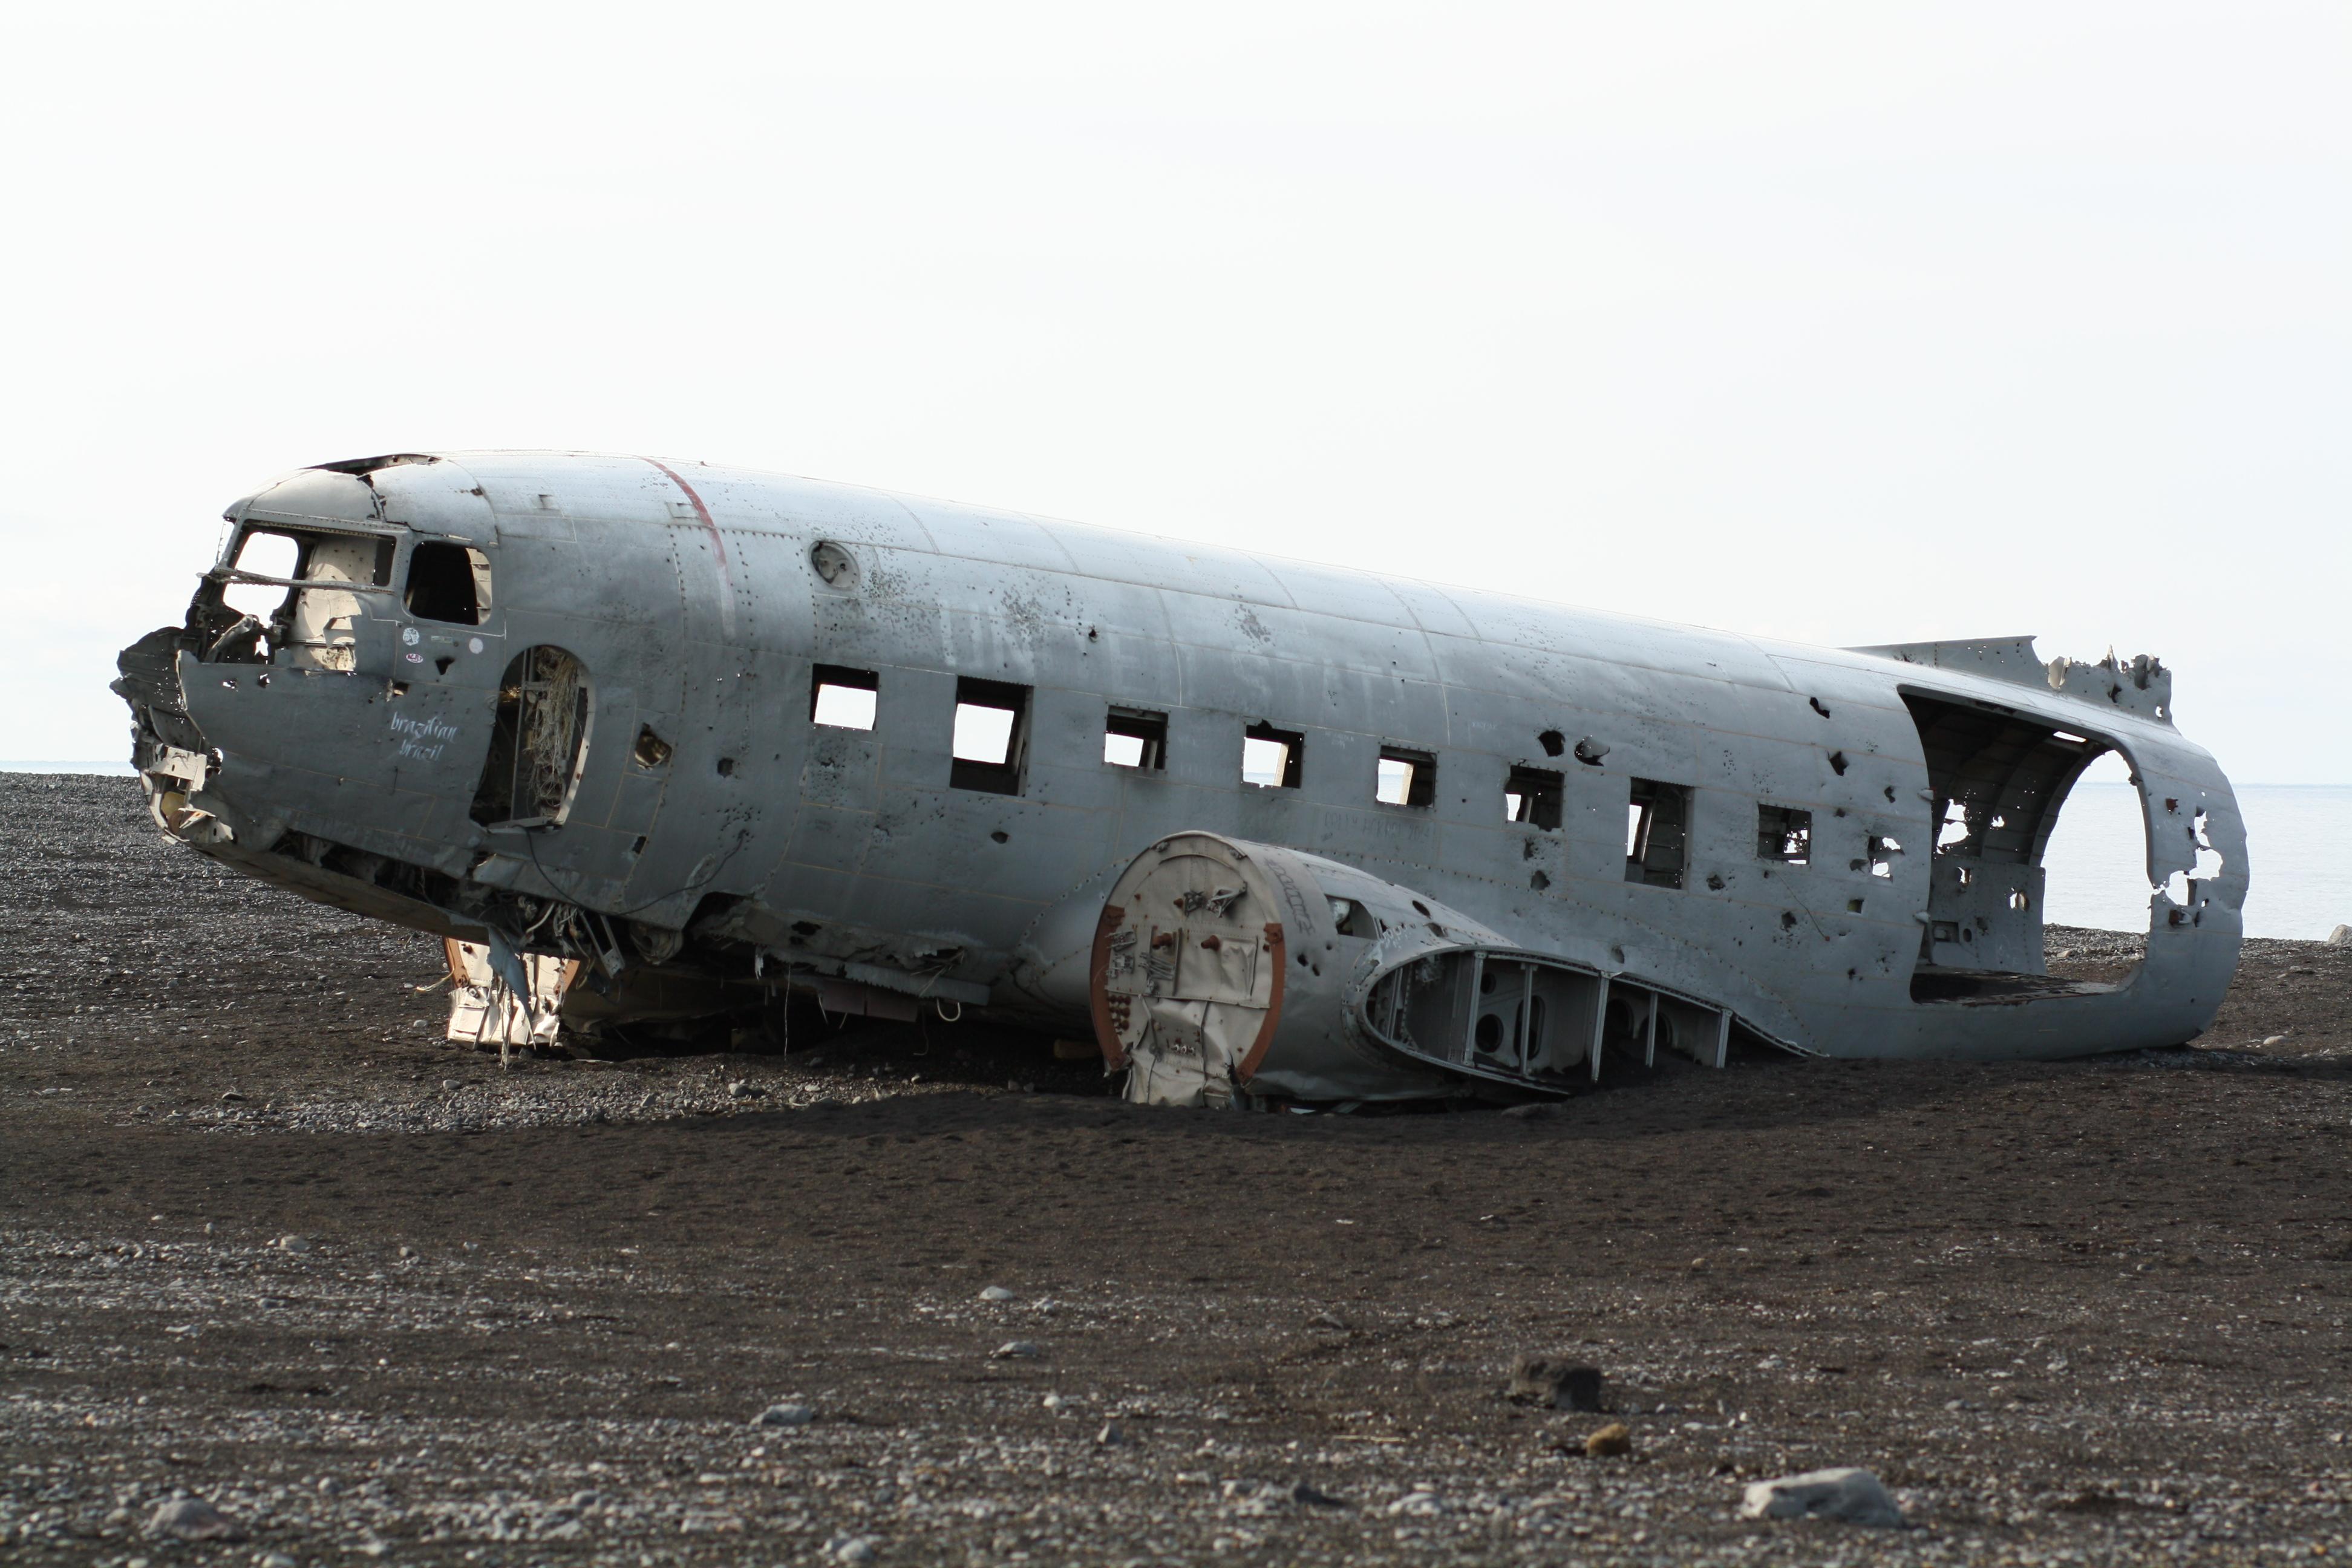 DC Plane Wreck